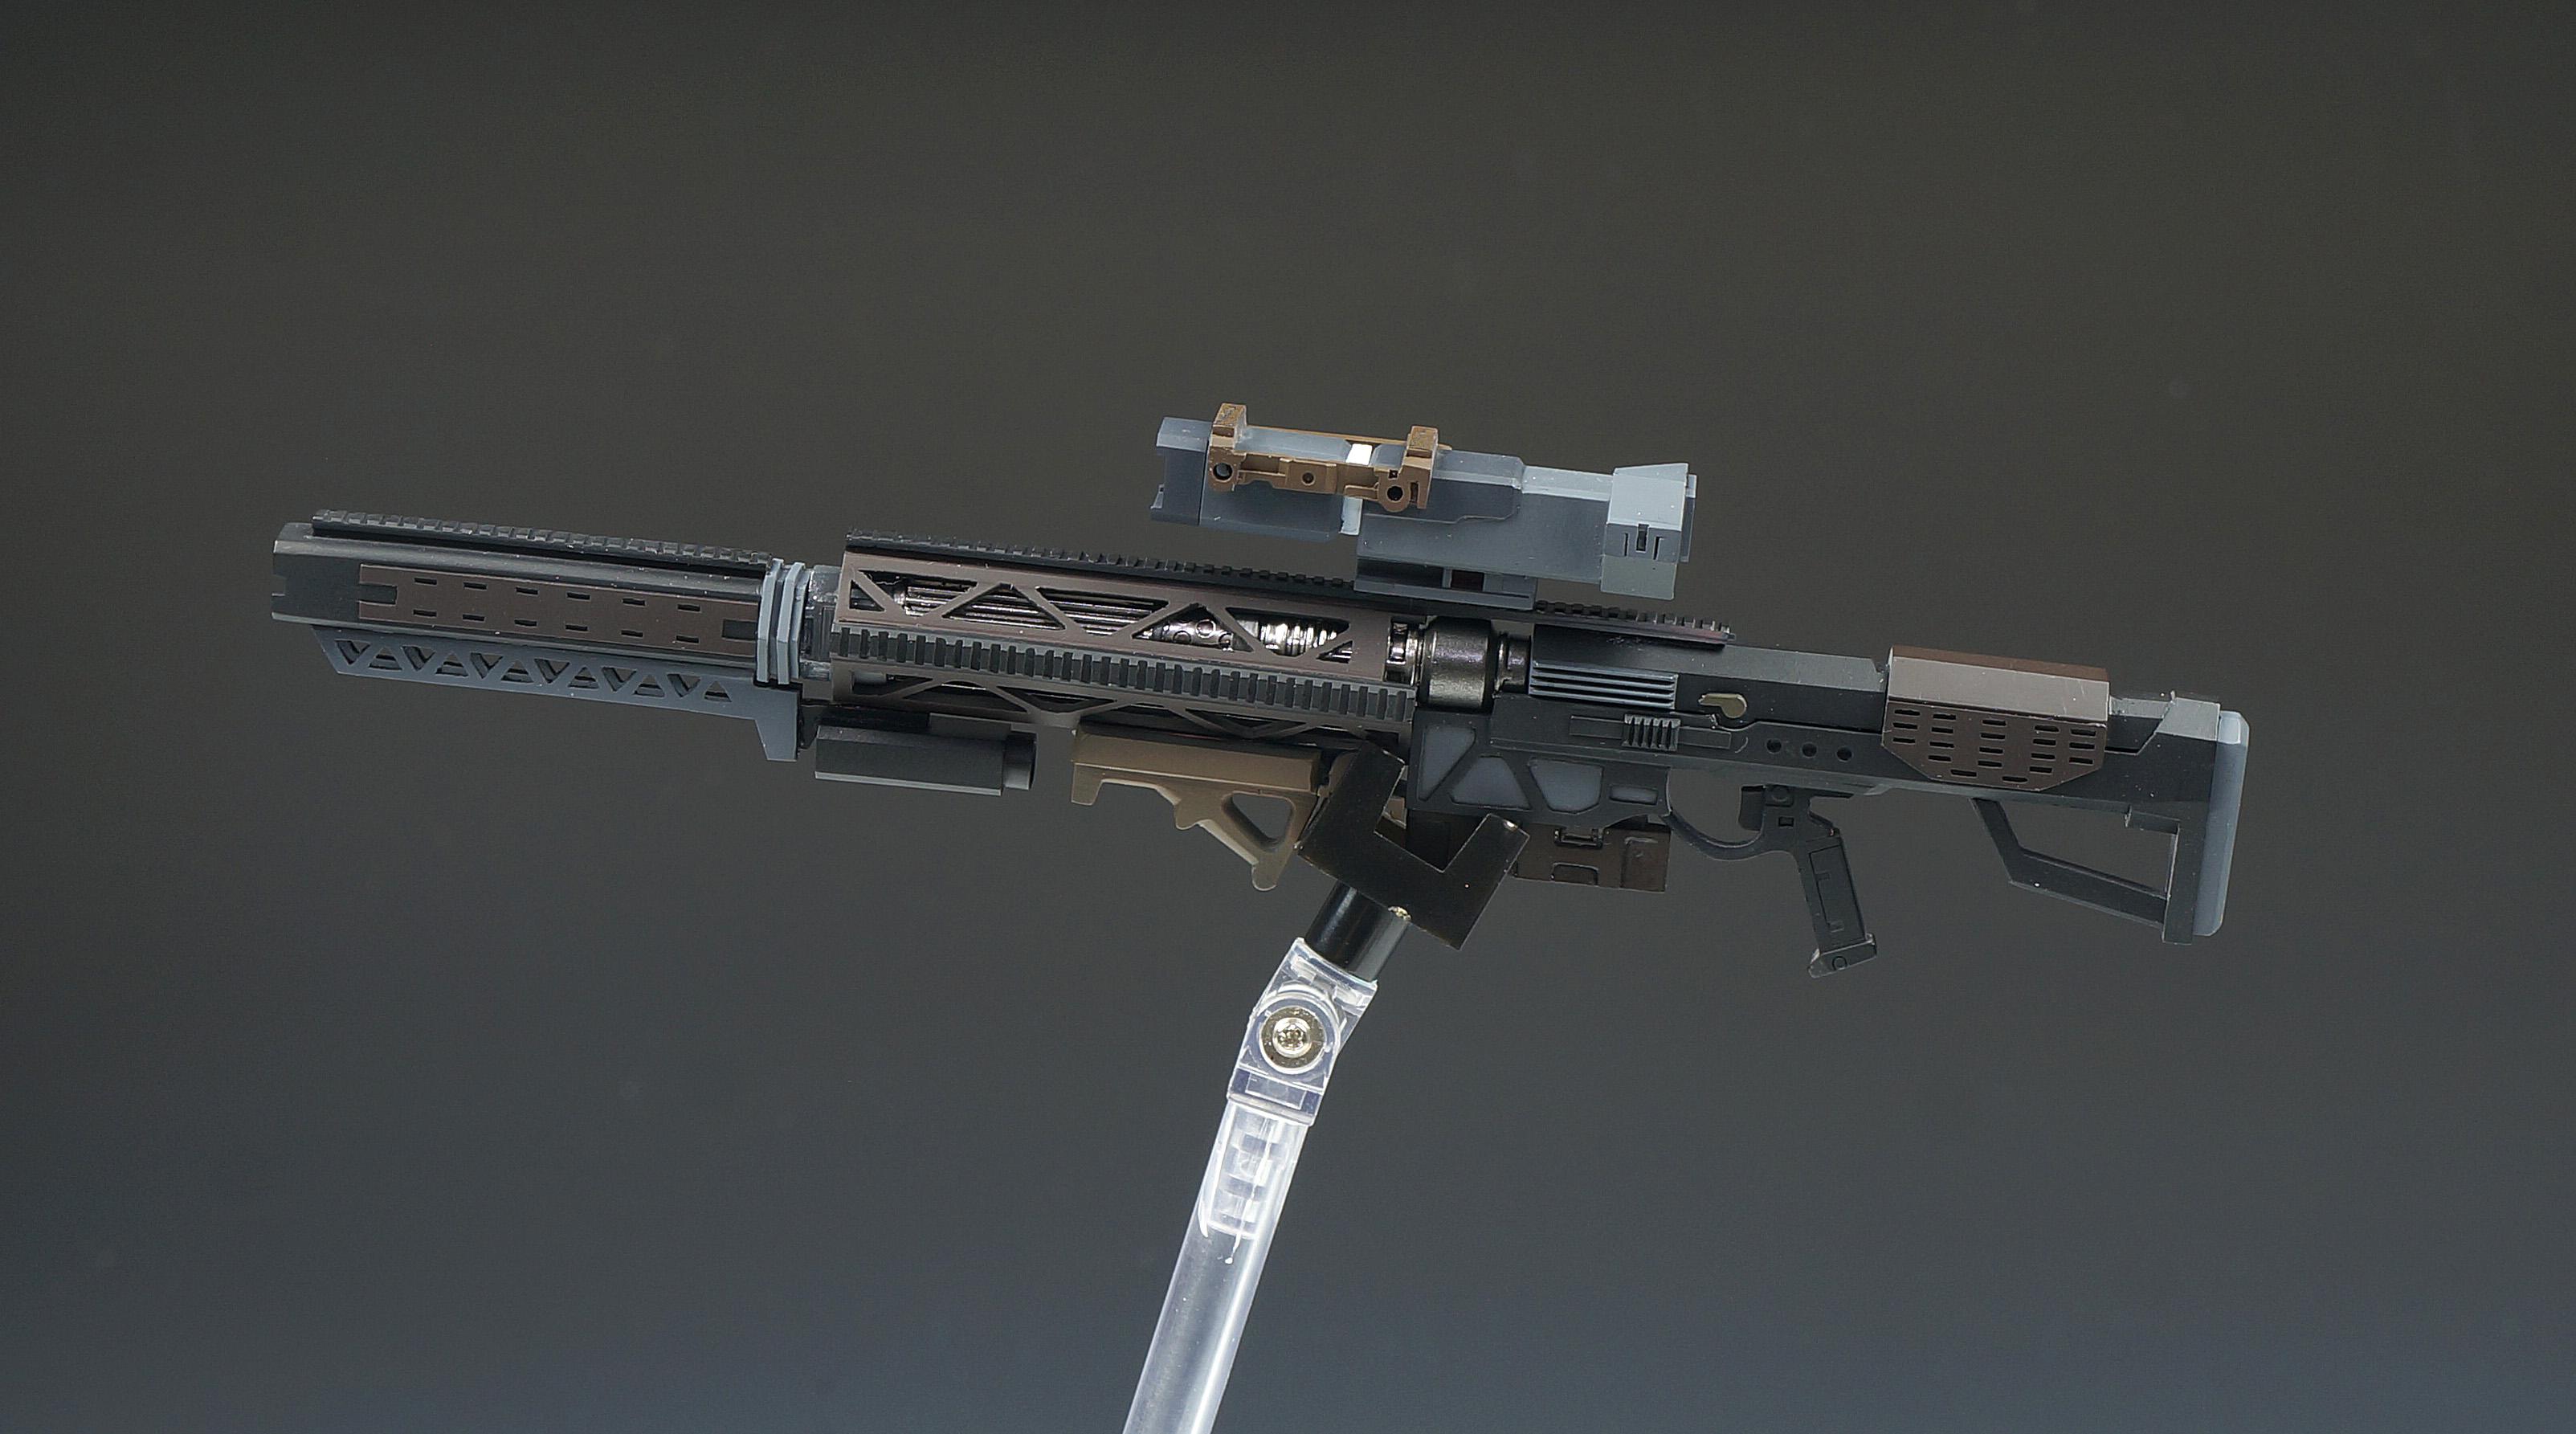 G261_sniper_inask_015.jpg